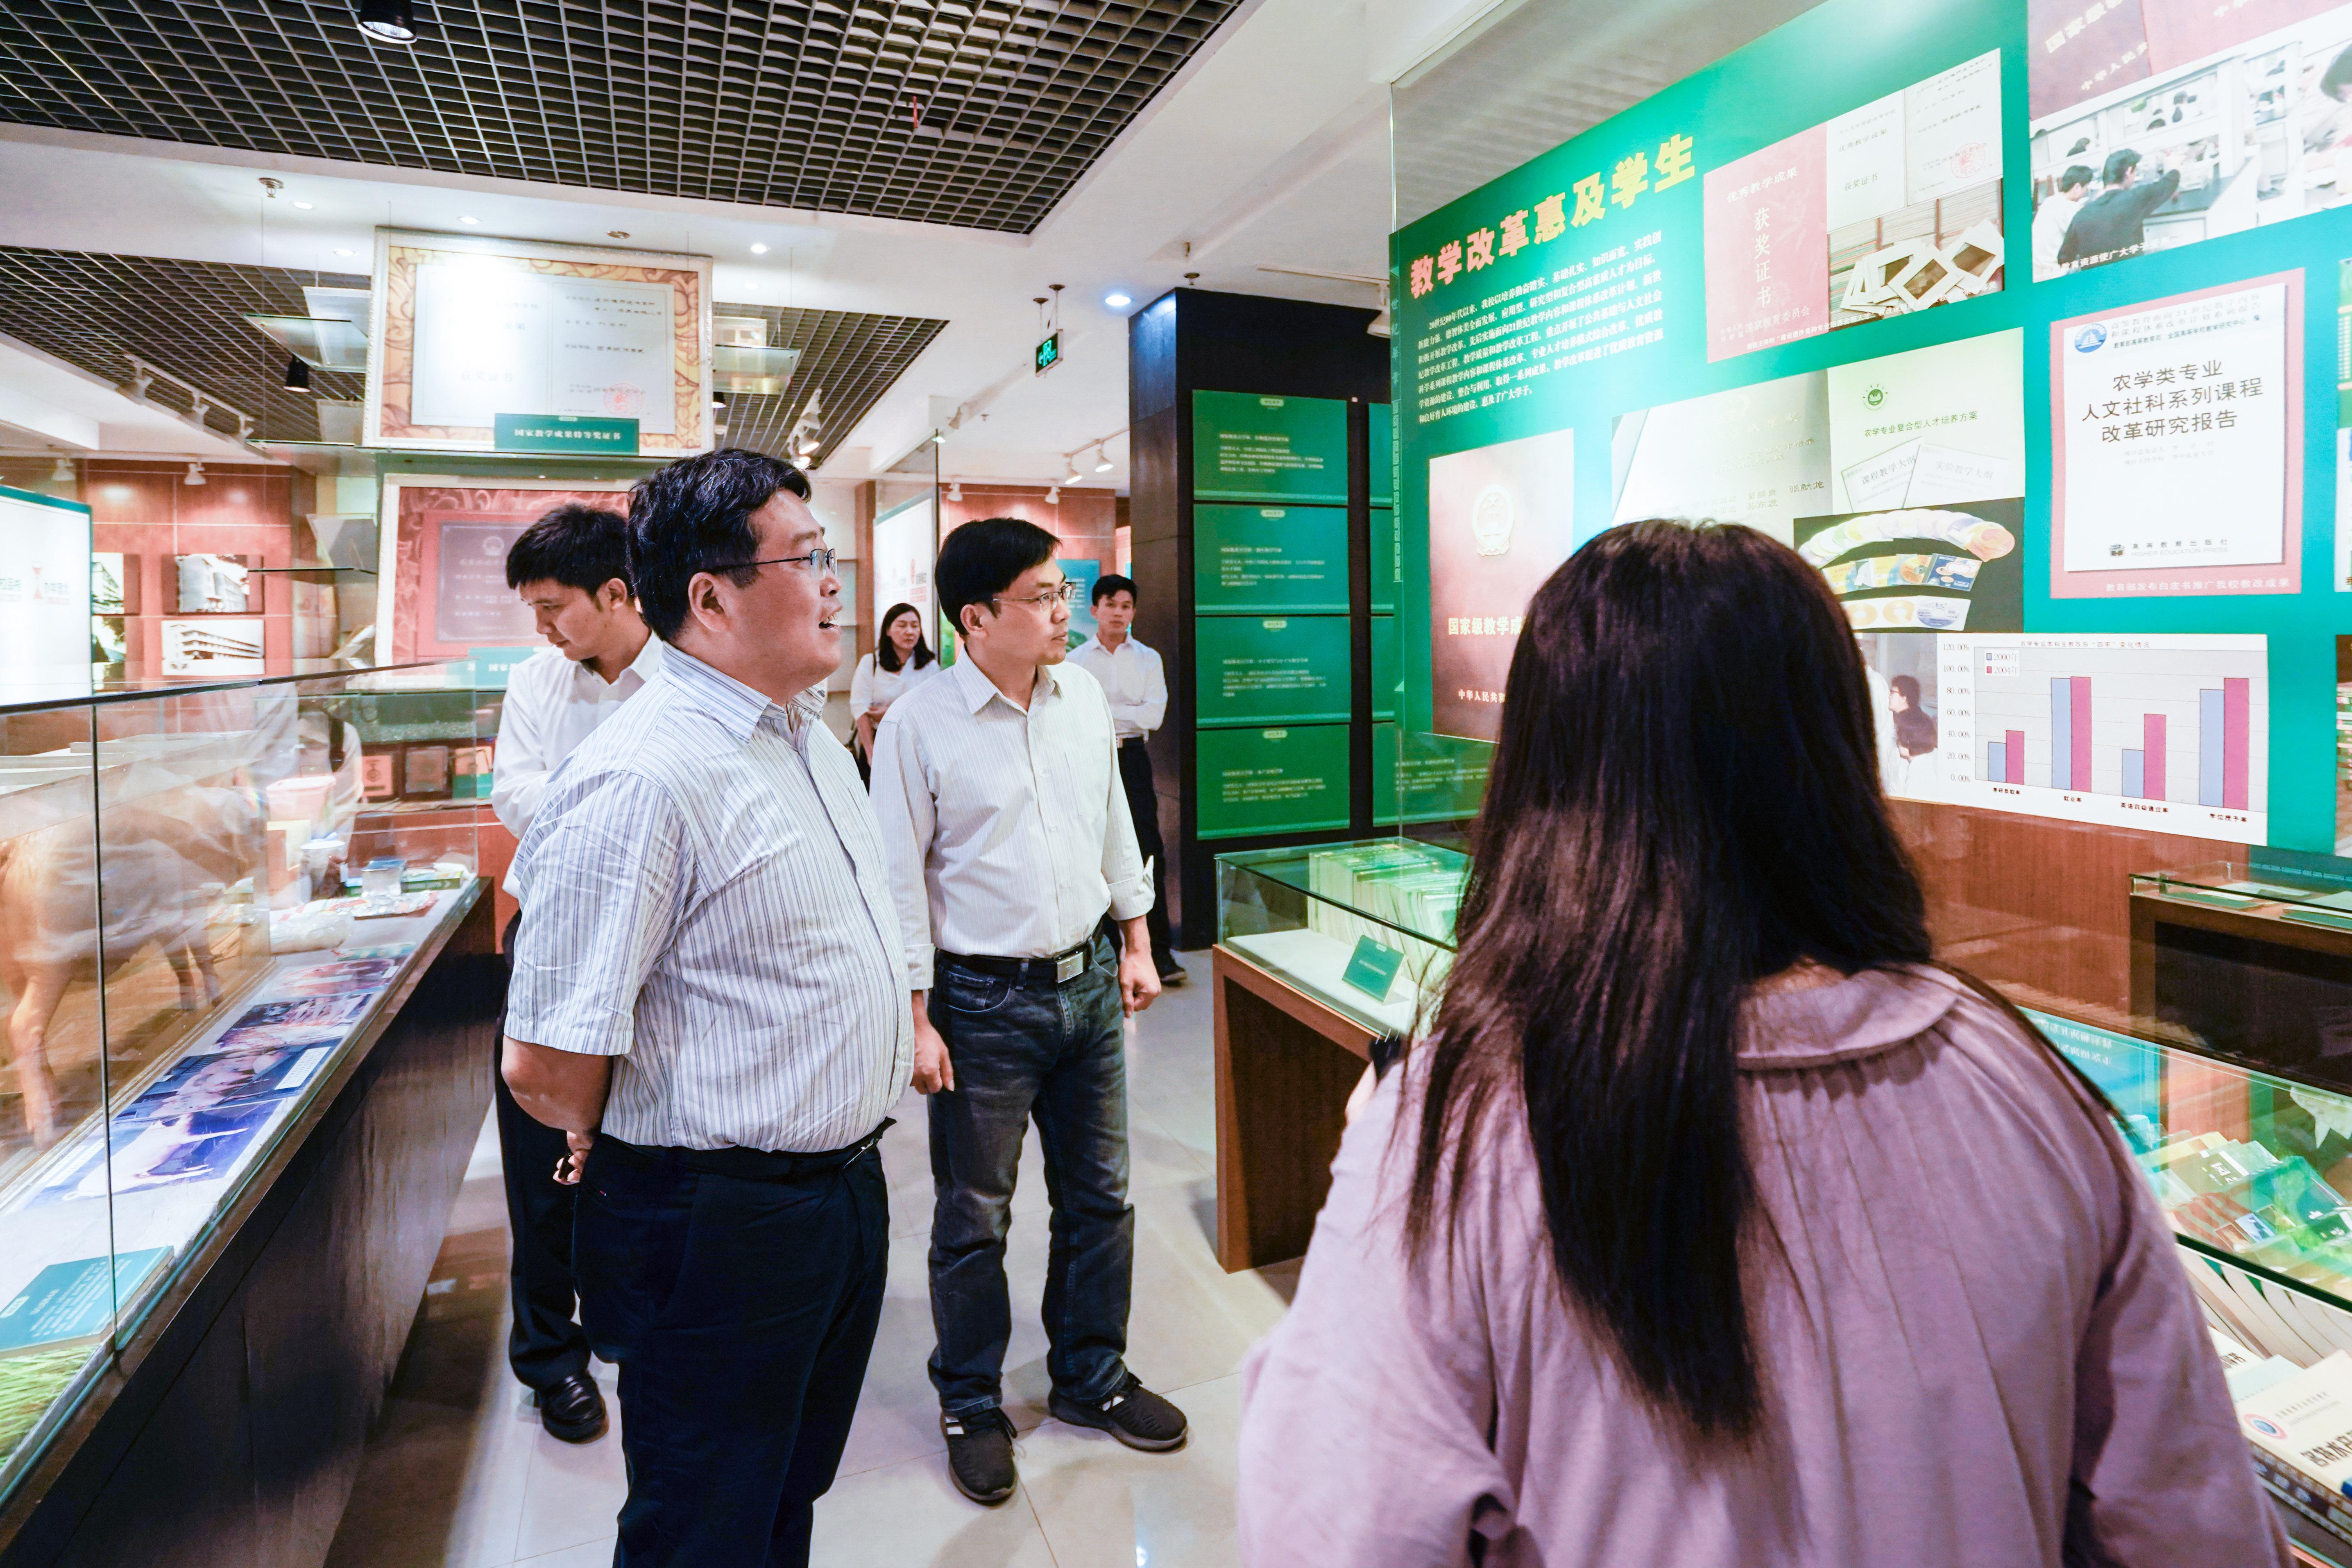 我校镇志勇与刘海平一行聆听学生讲解员对于校史馆的讲解 (学通社记者  杨宇轩 摄)